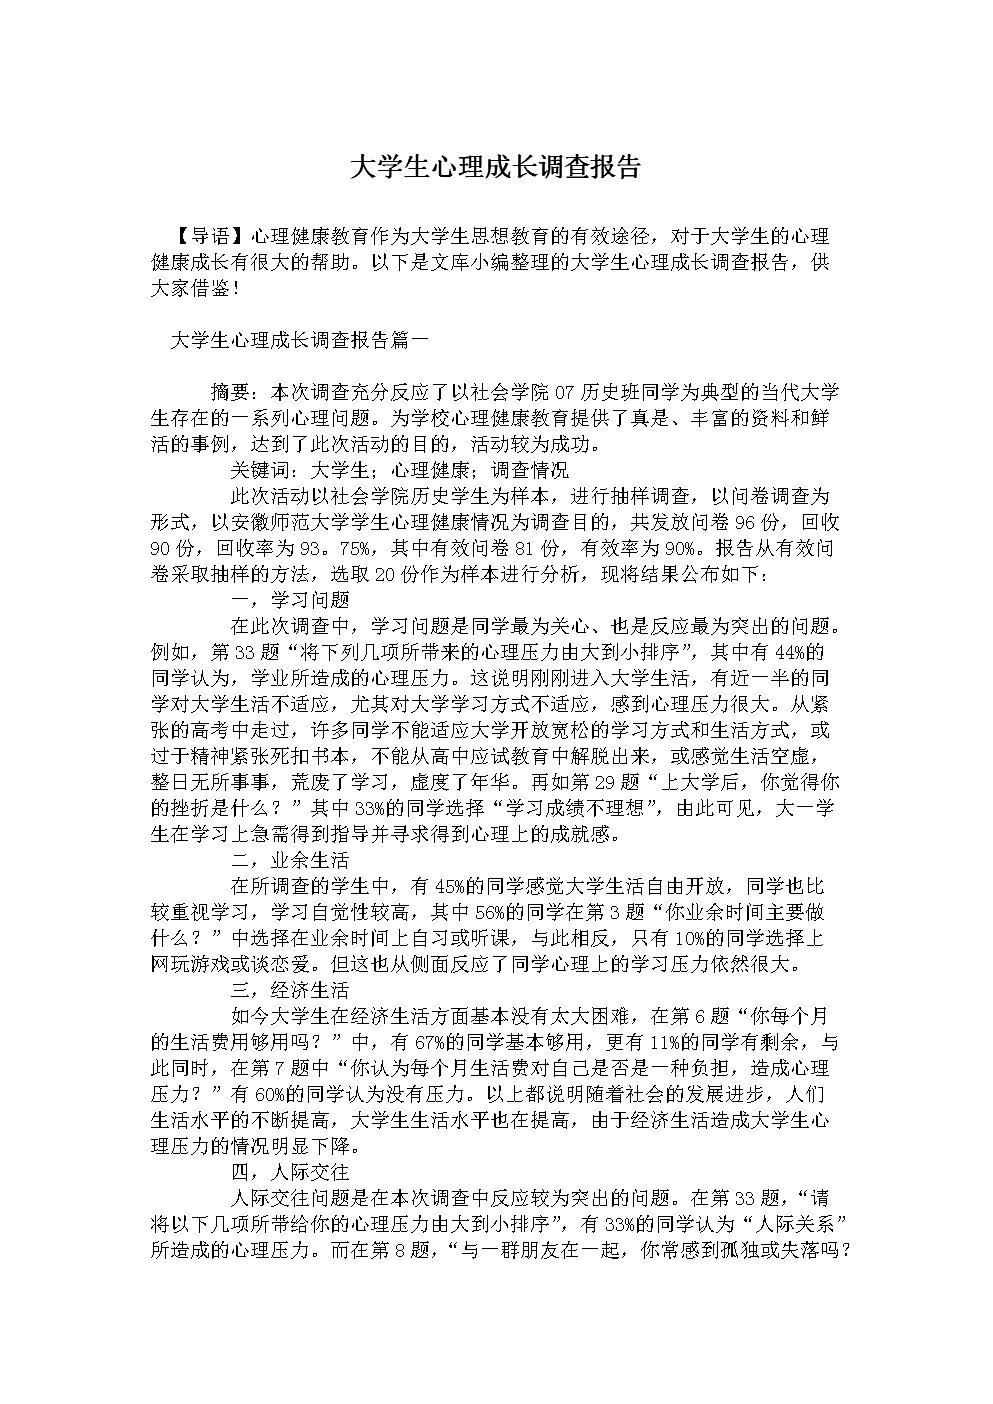 大学生心理成长调查报告范文.doc